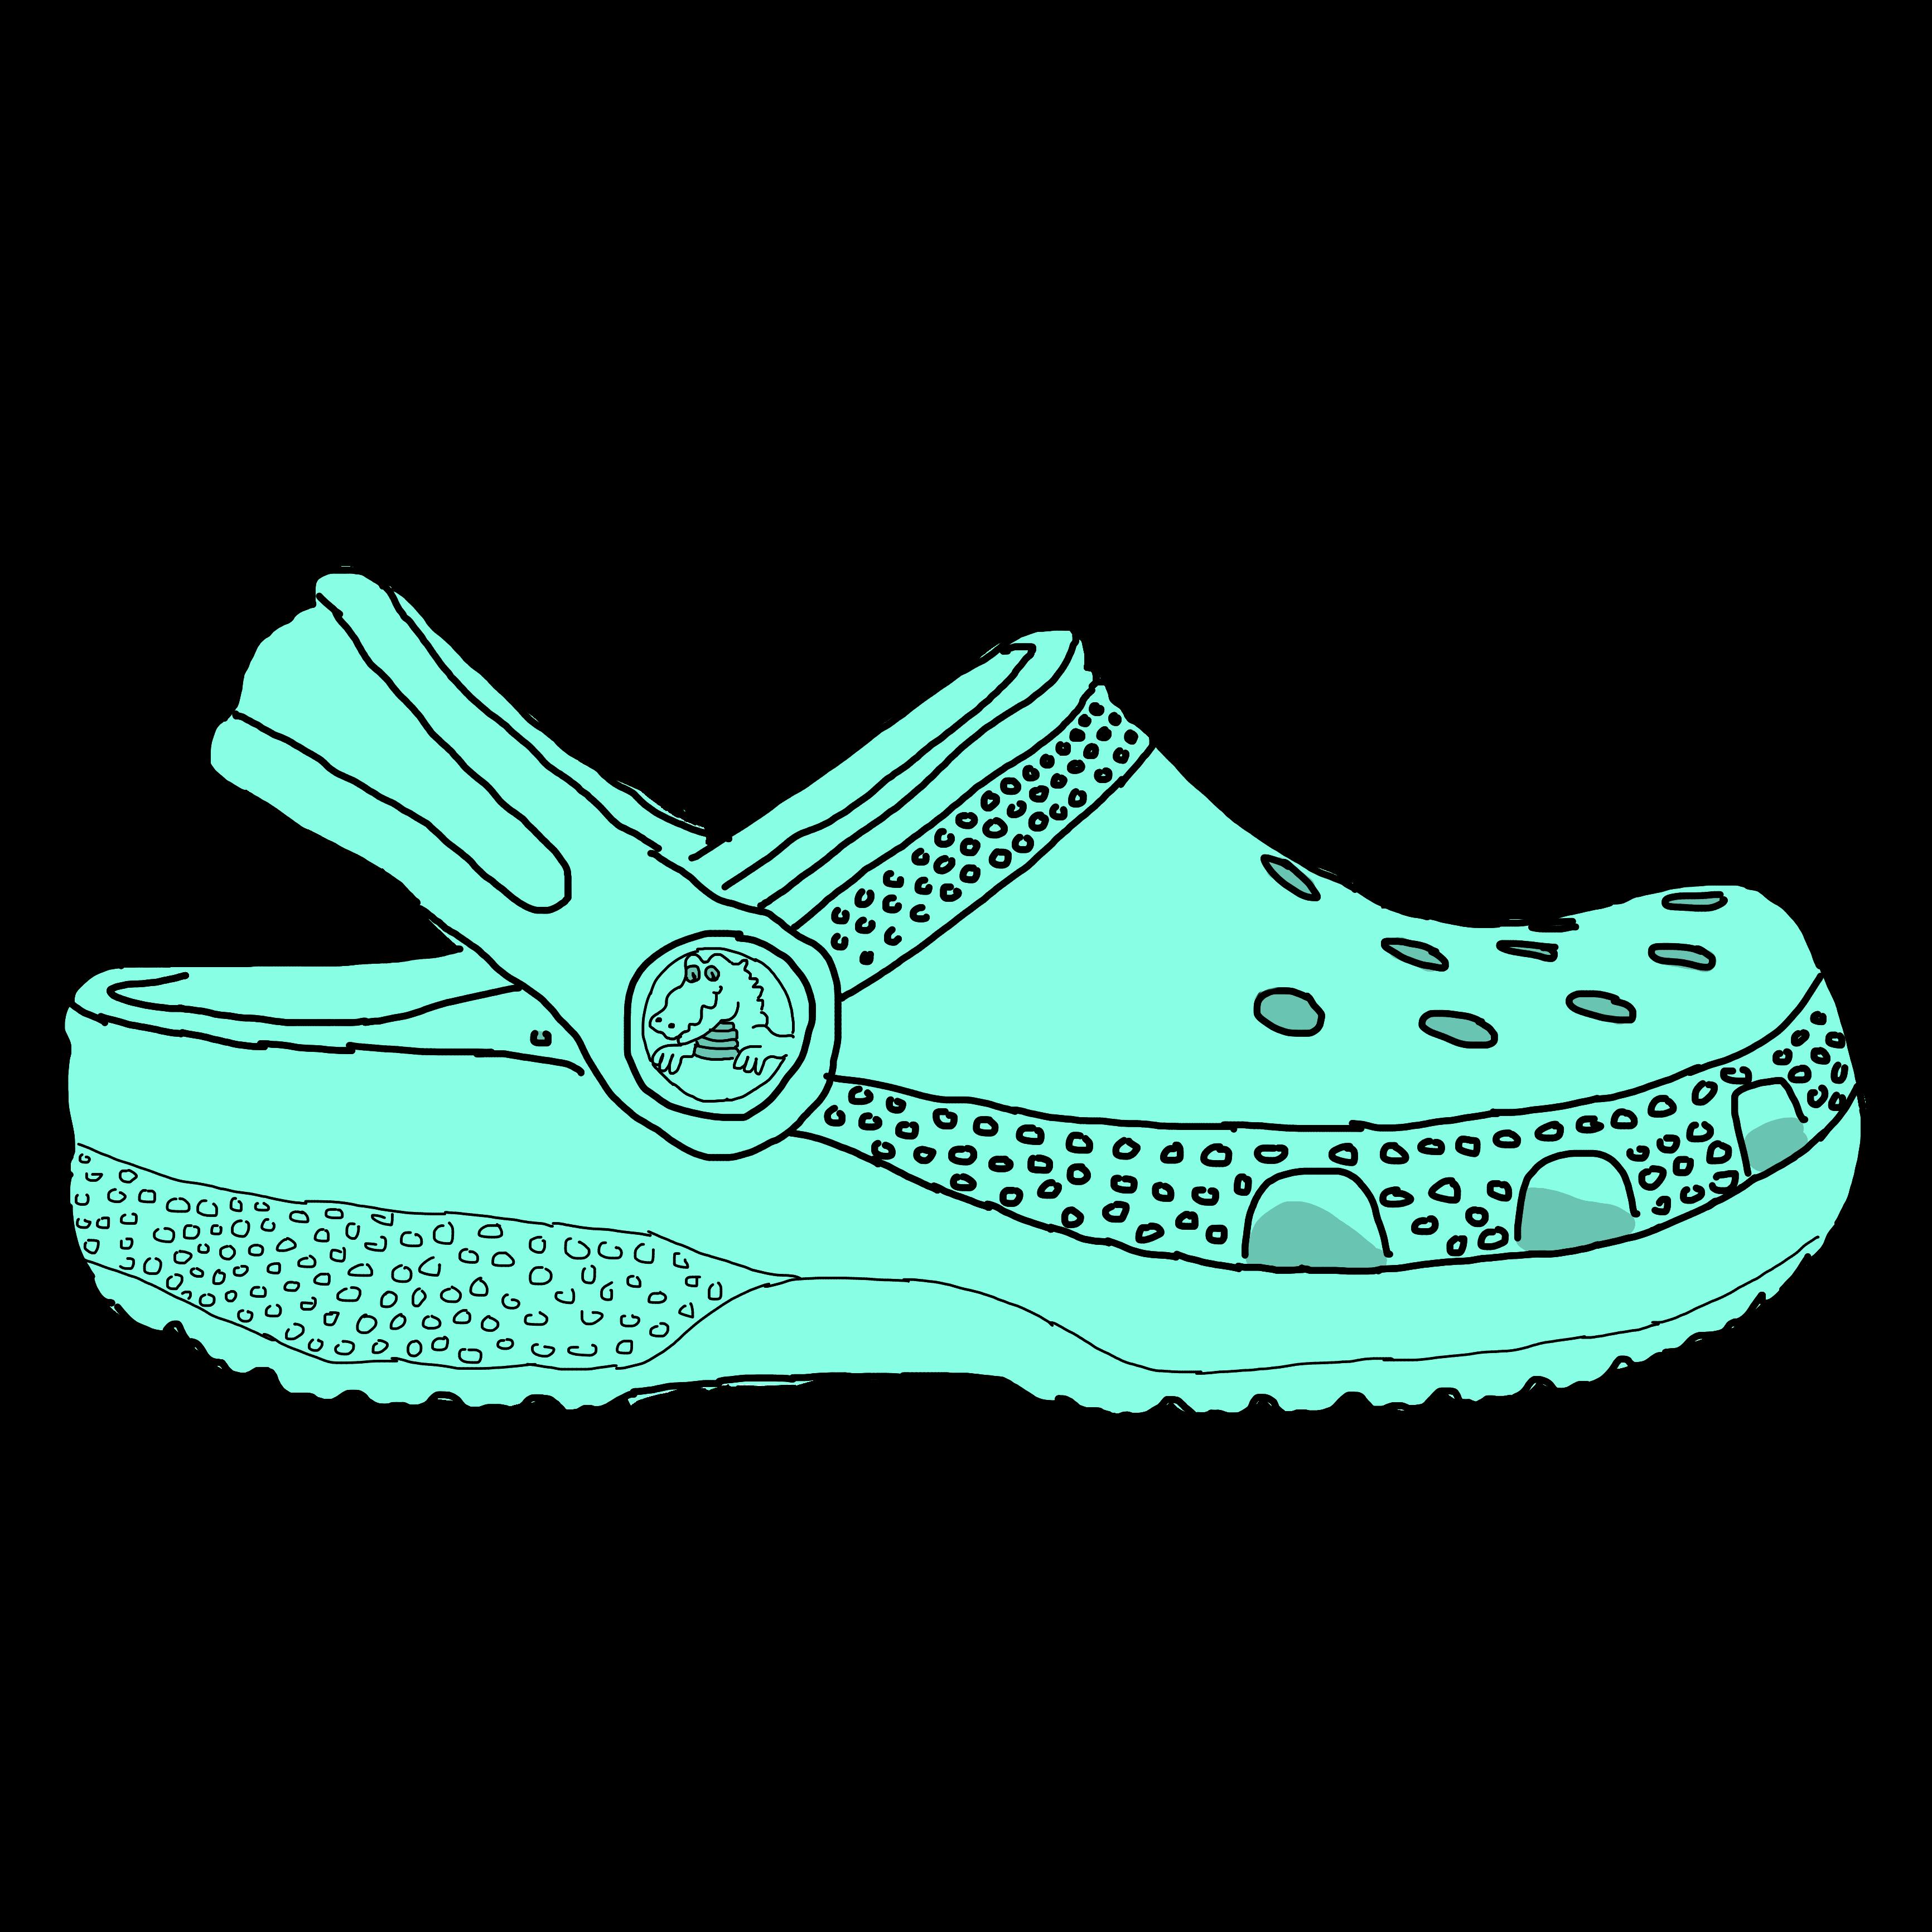 Croc Shoe Drawing.